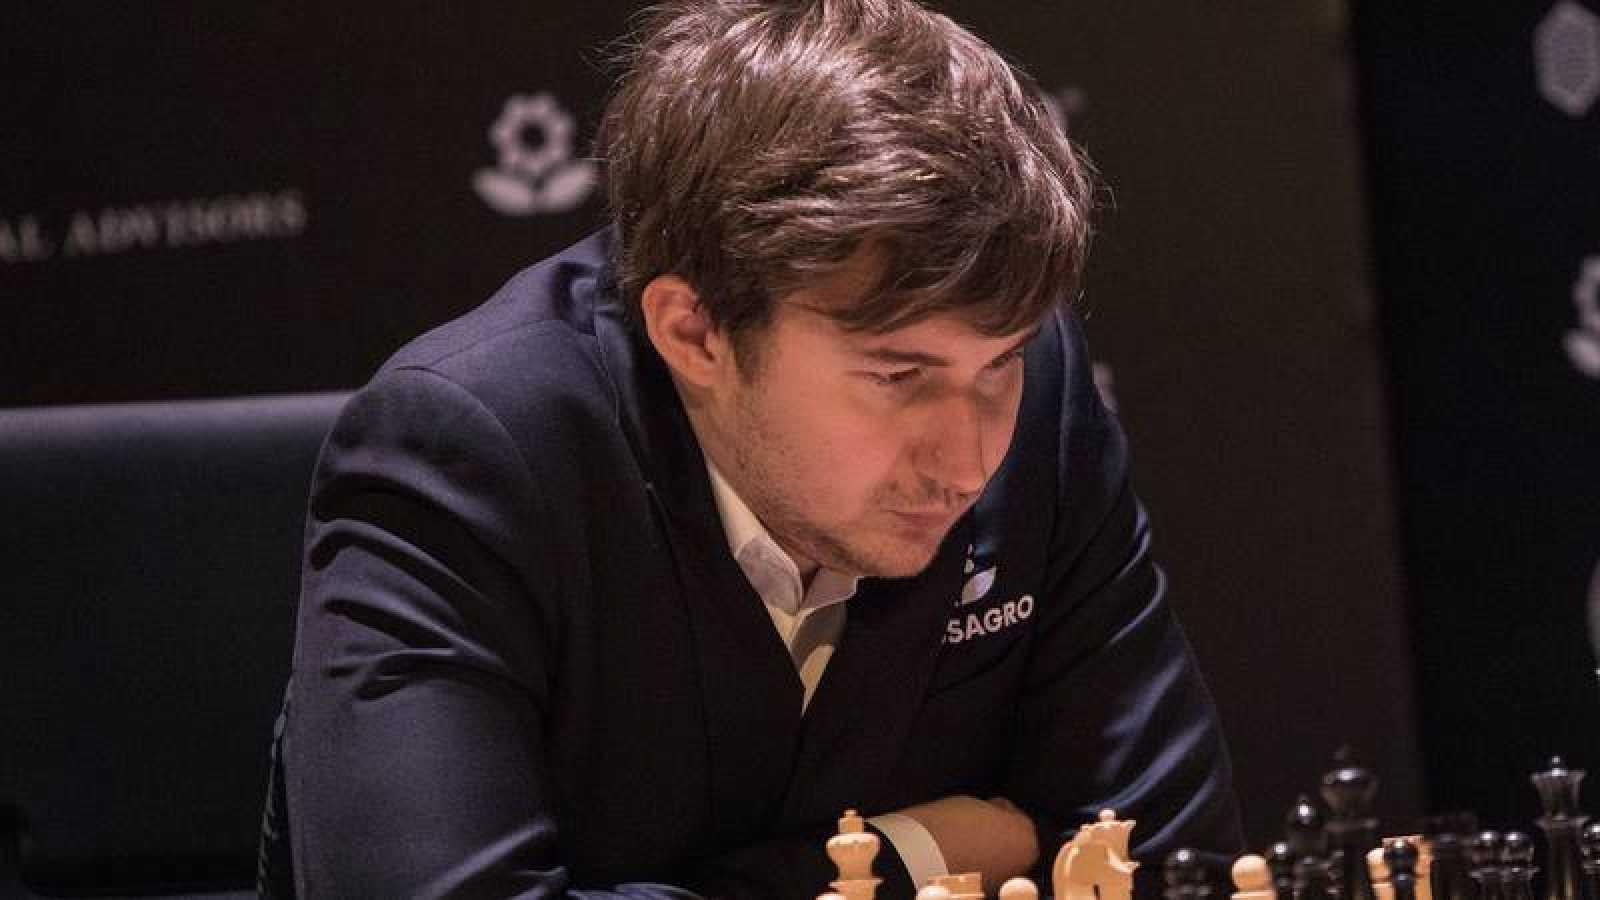 El maestro ruso de ajedrez Sergei Karjarin, en imagen ed archivo.